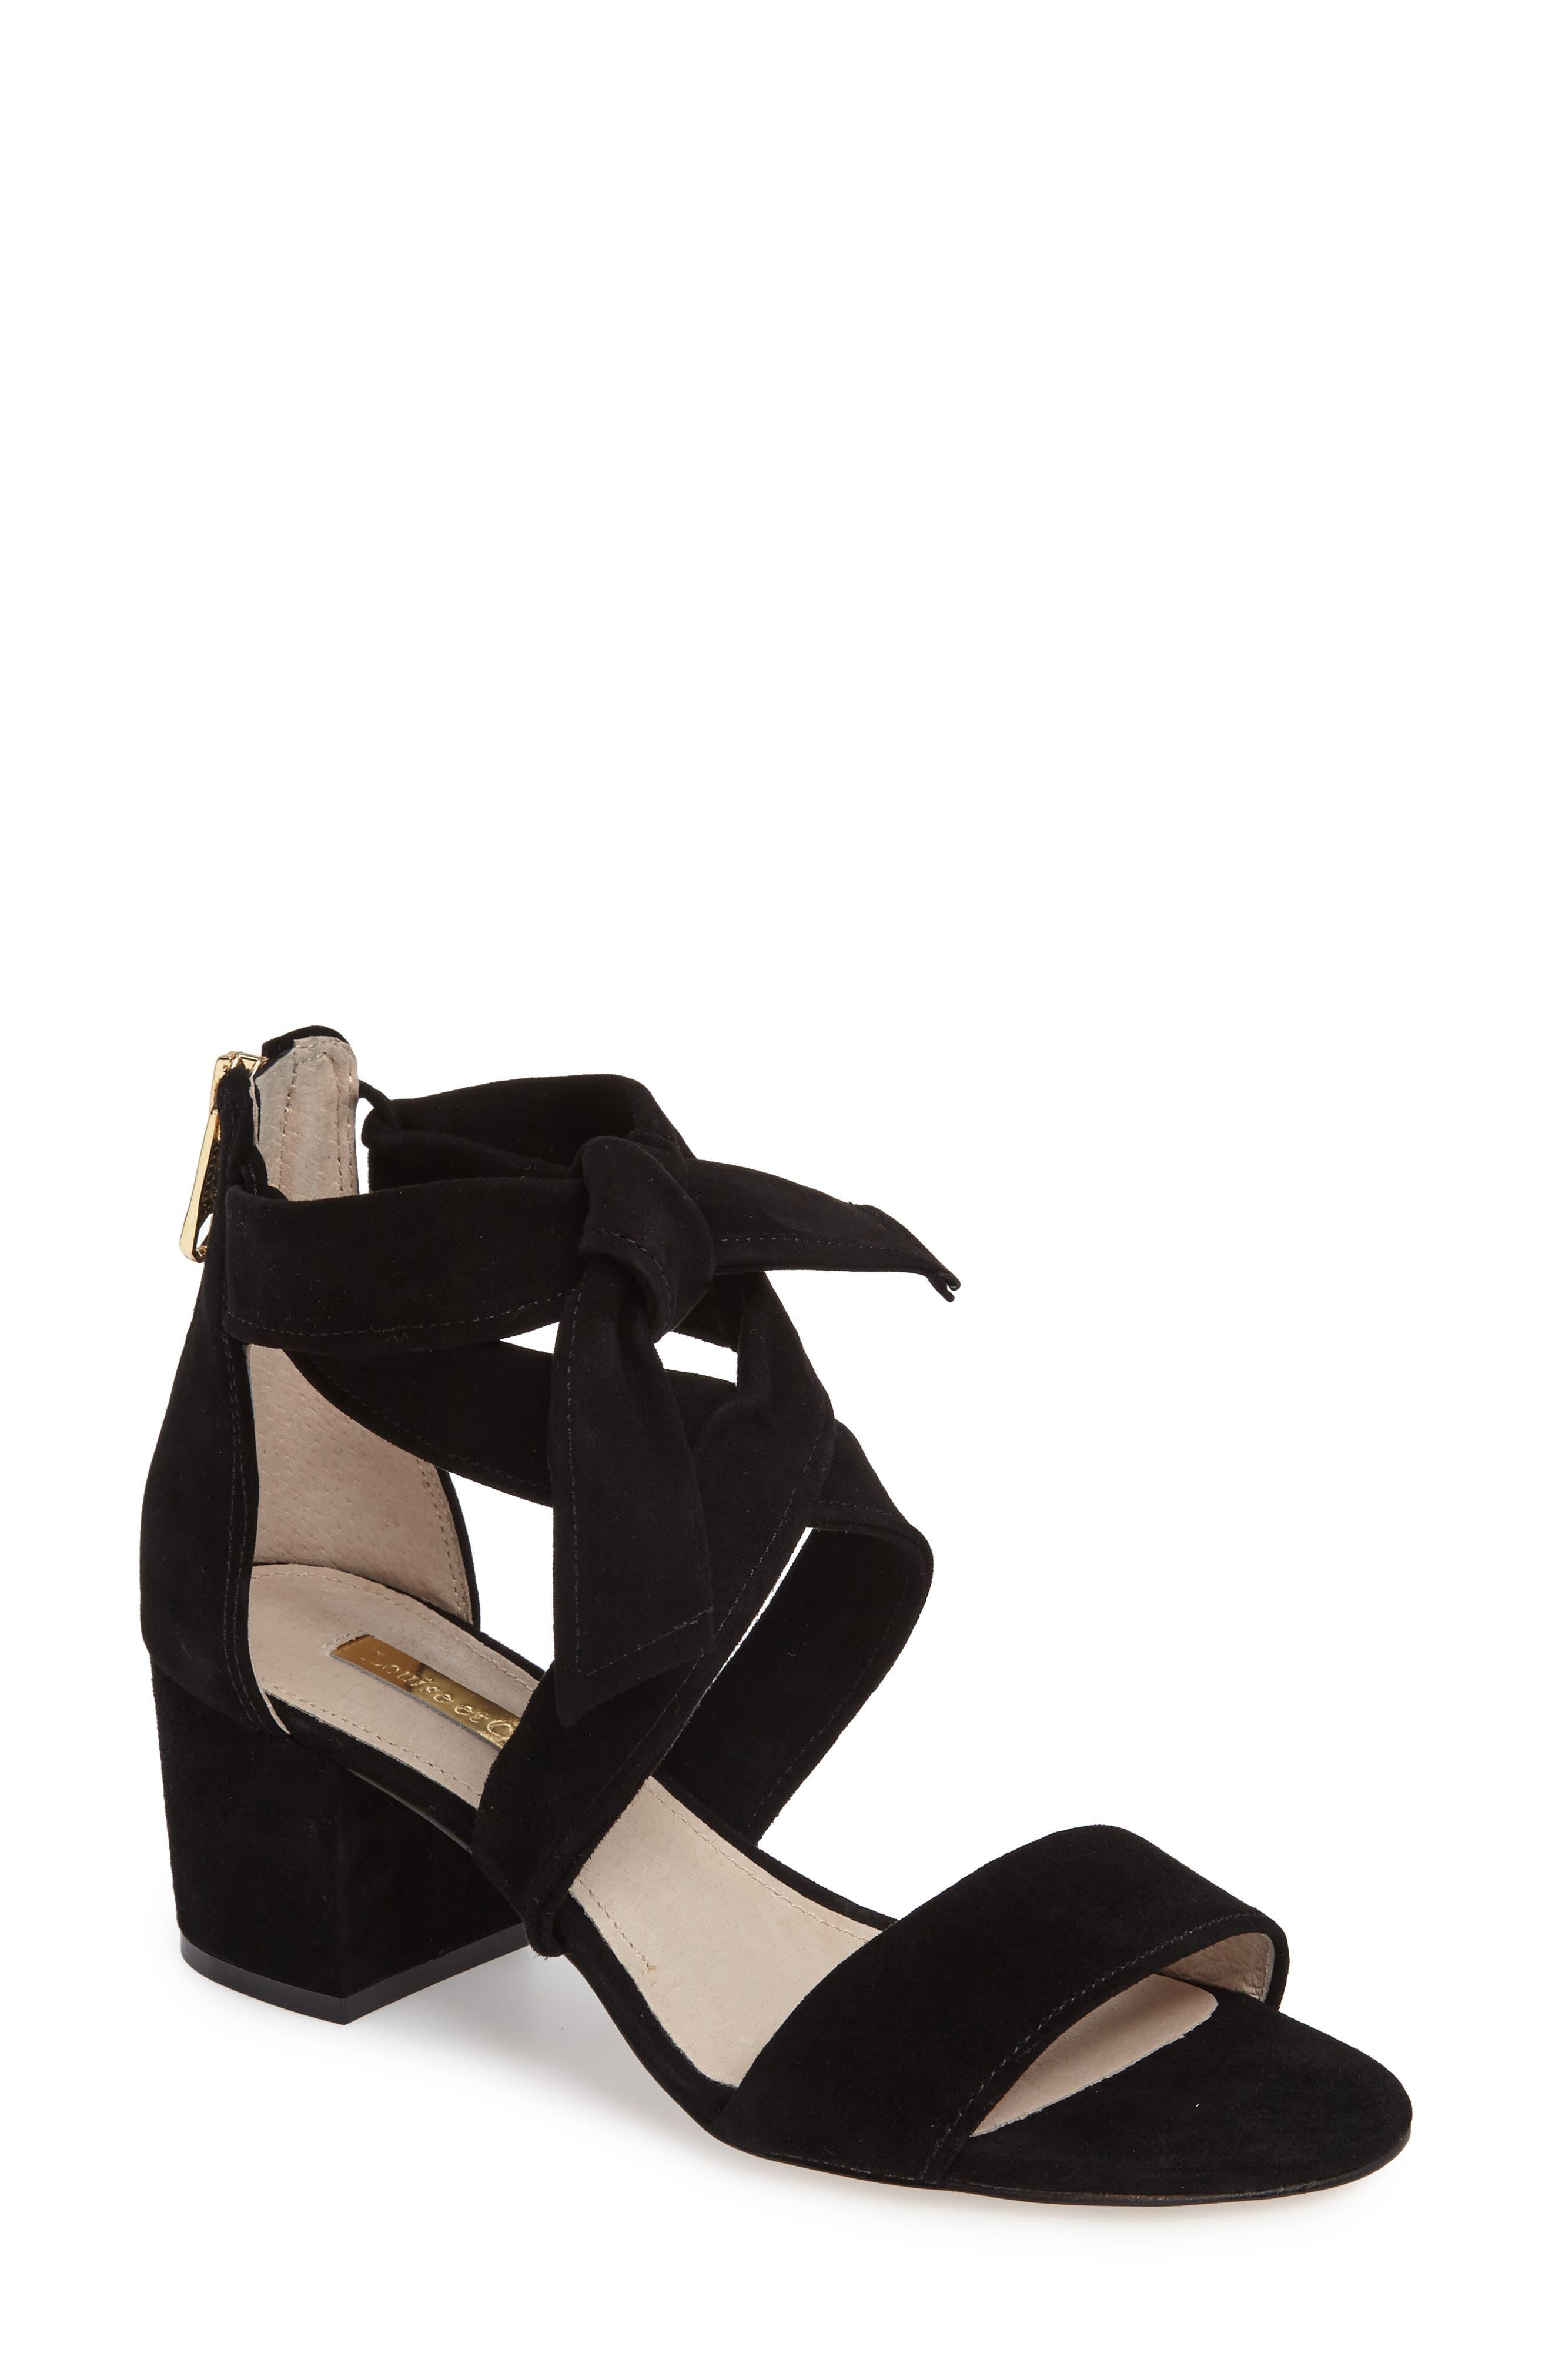 Main Image - Louise et Cie Gia Block Heel Sandal (Women)